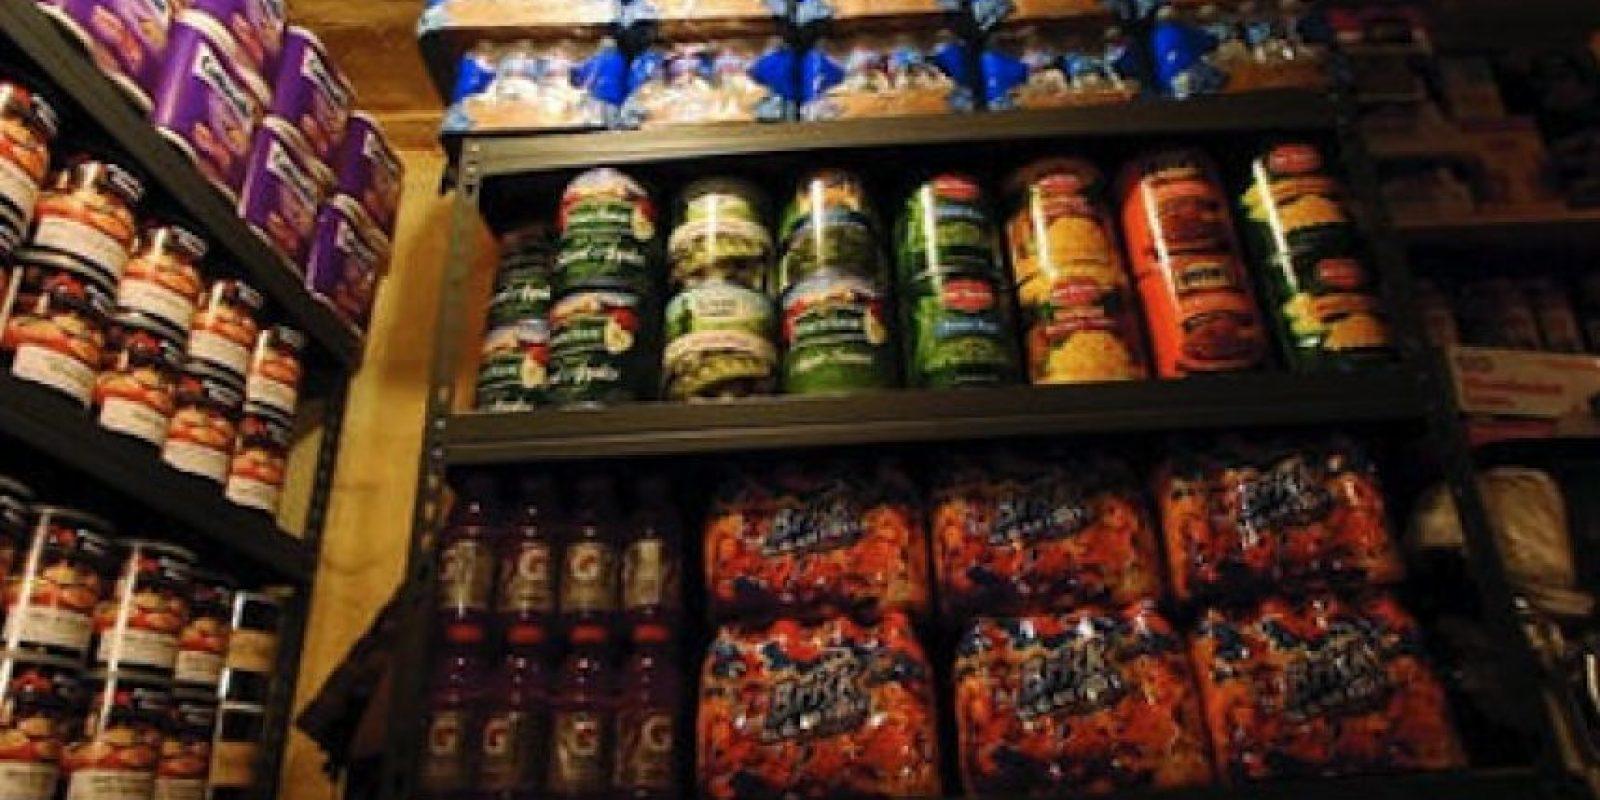 Almacenan comida enlatada para sobrevivir al fin del mundo en caso de que este suceda en alguna decada próxima. Foto:Cortesía